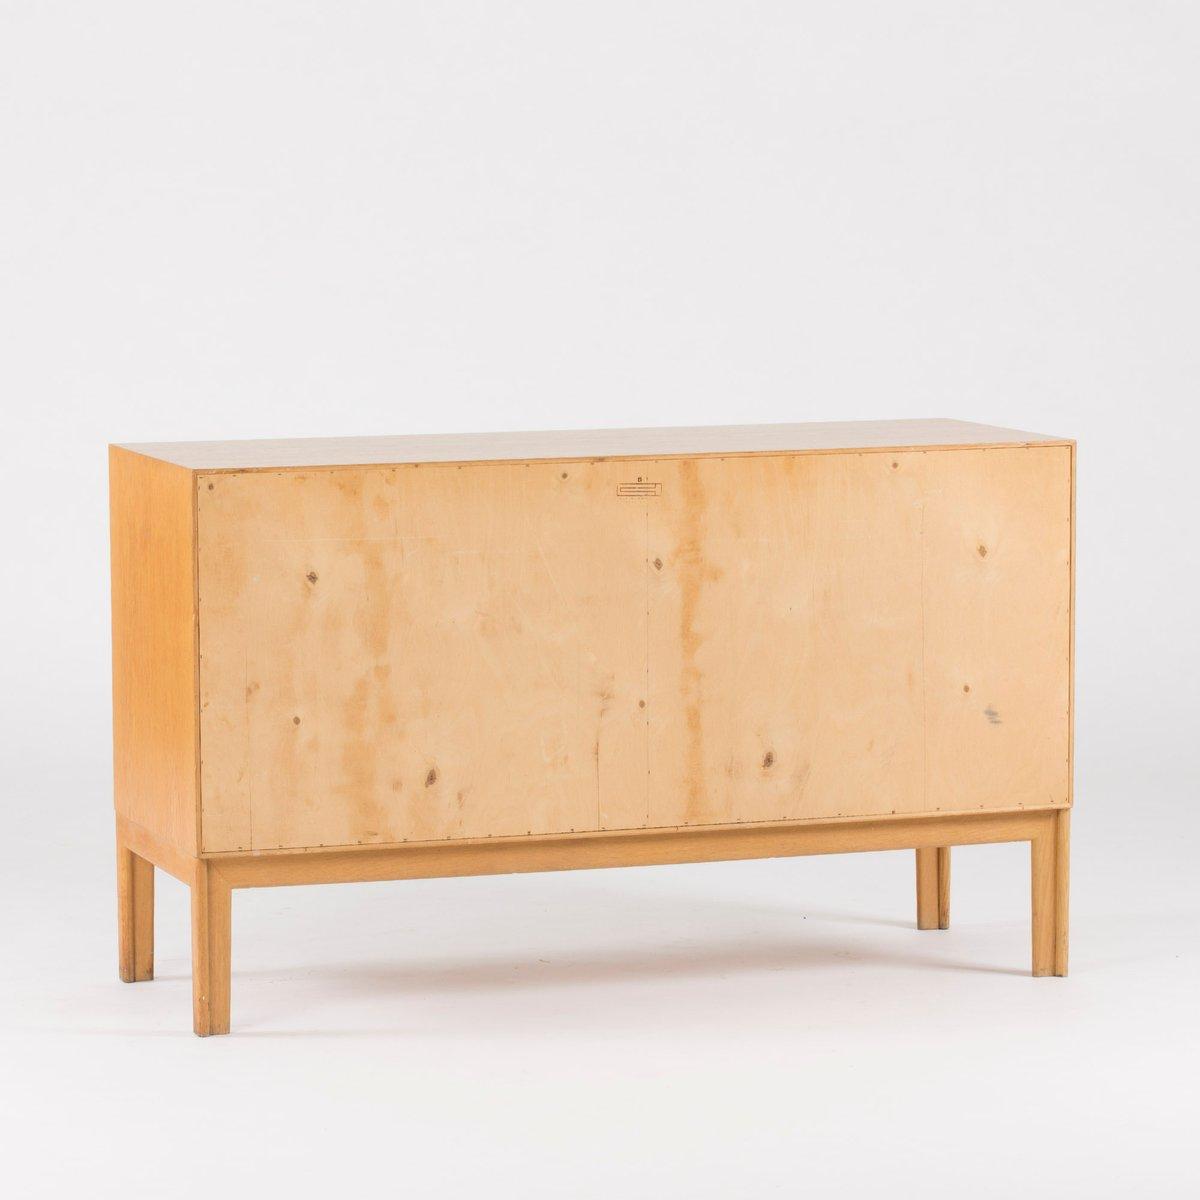 eiche rattan sideboard von alf svensson f r bj sta. Black Bedroom Furniture Sets. Home Design Ideas